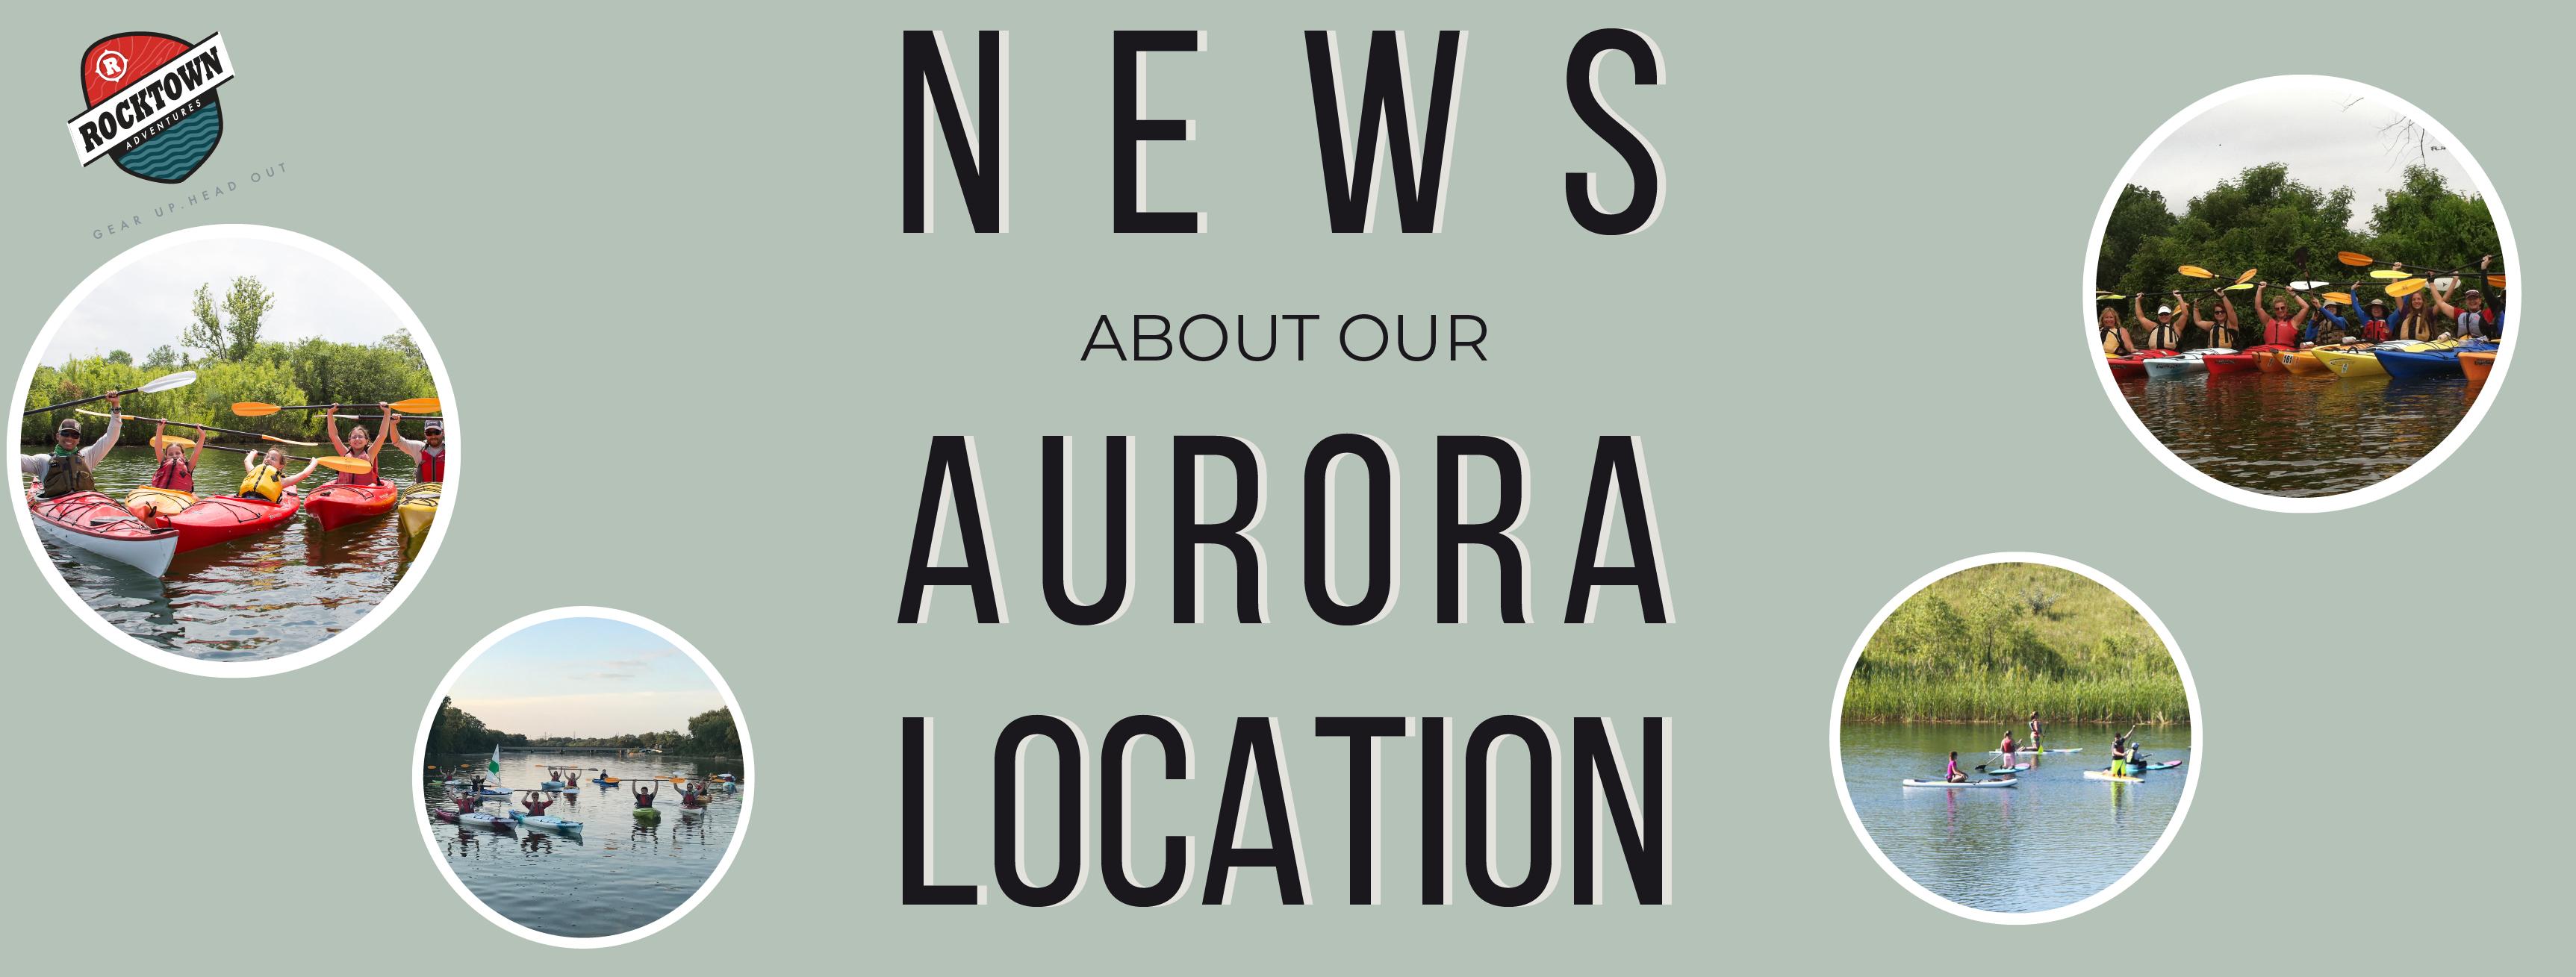 Rocktown Adventures | News About Our Aurora Location